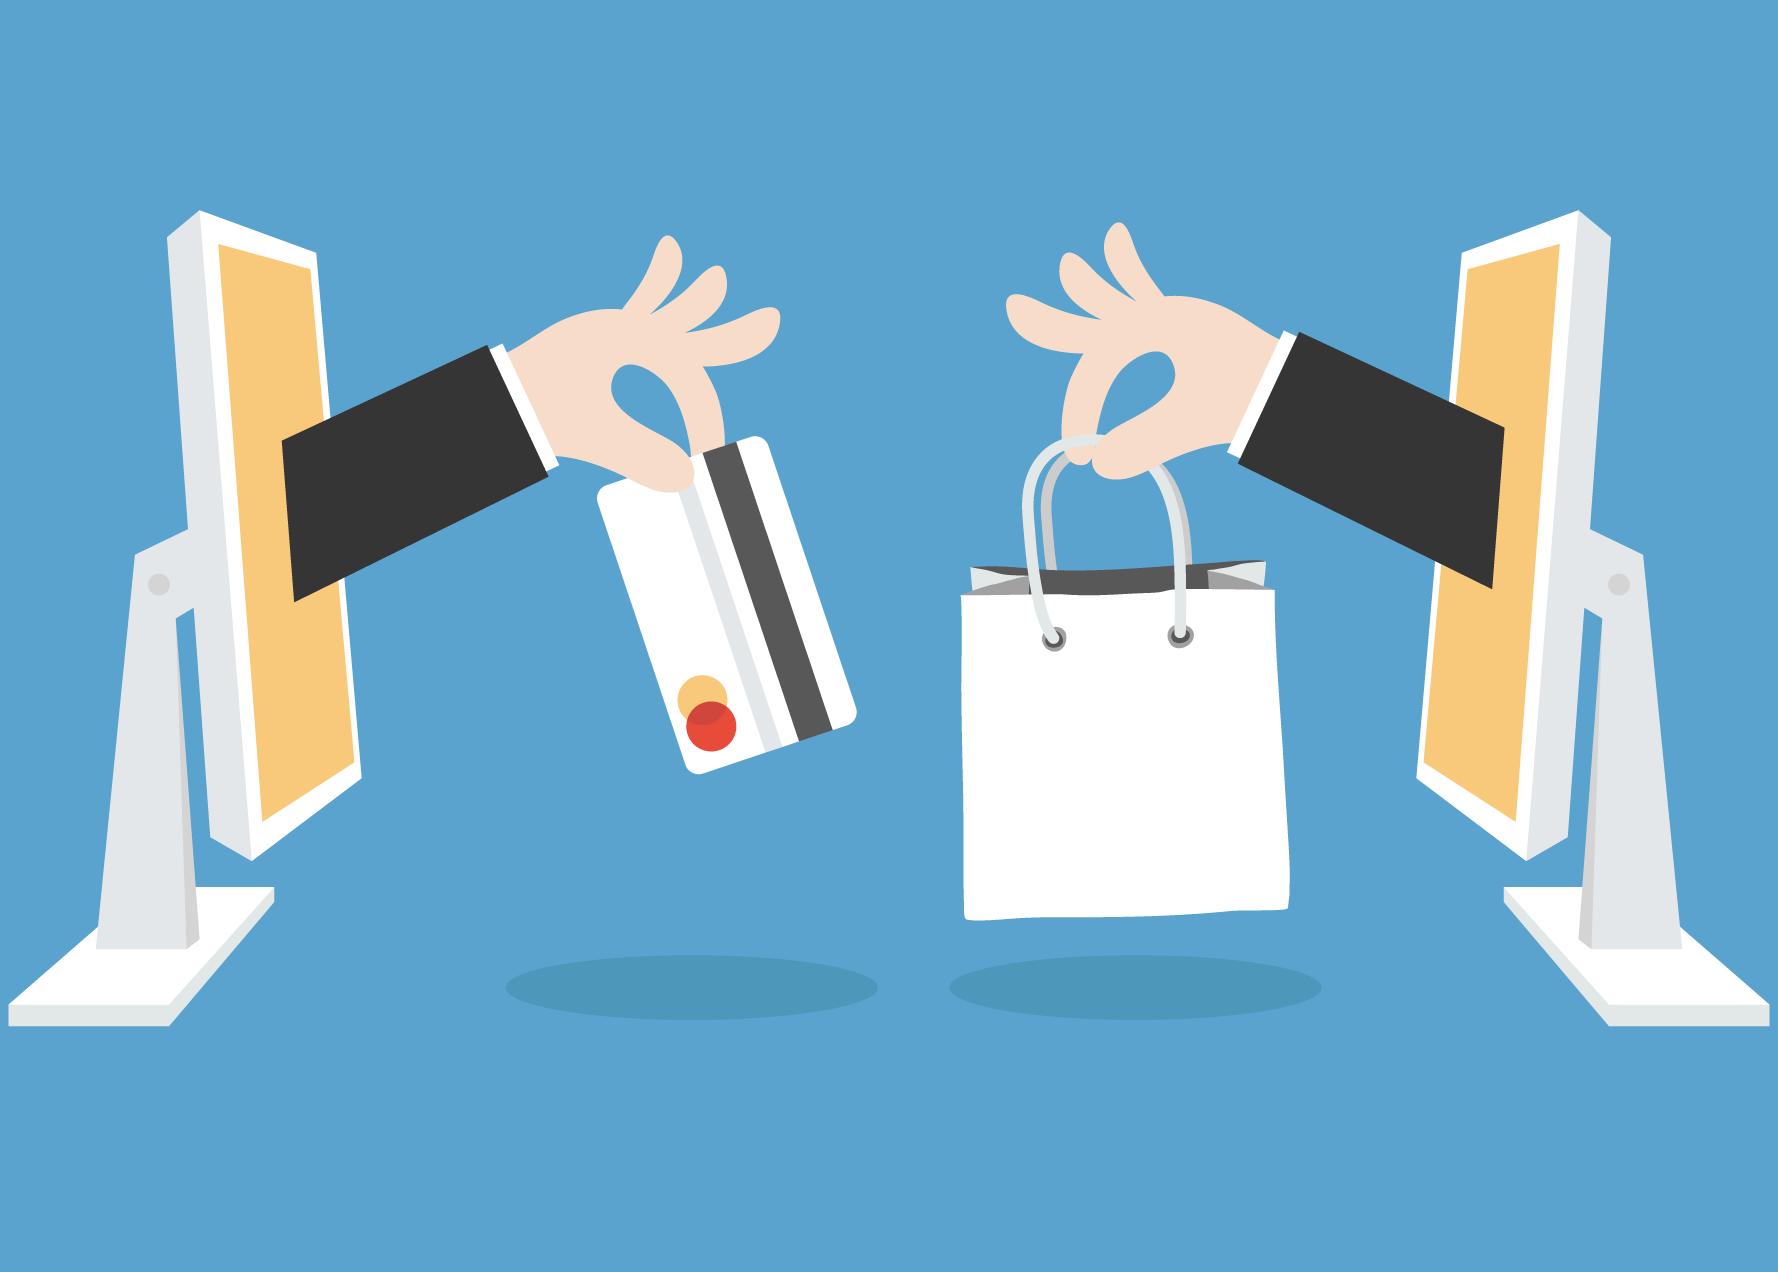 خرید با موبایل آسان است، اما نه آنقدر که به صورت کامل جایگزین سایر روش های خرید به صورت دیجیتالی و حتی سنتی شود!